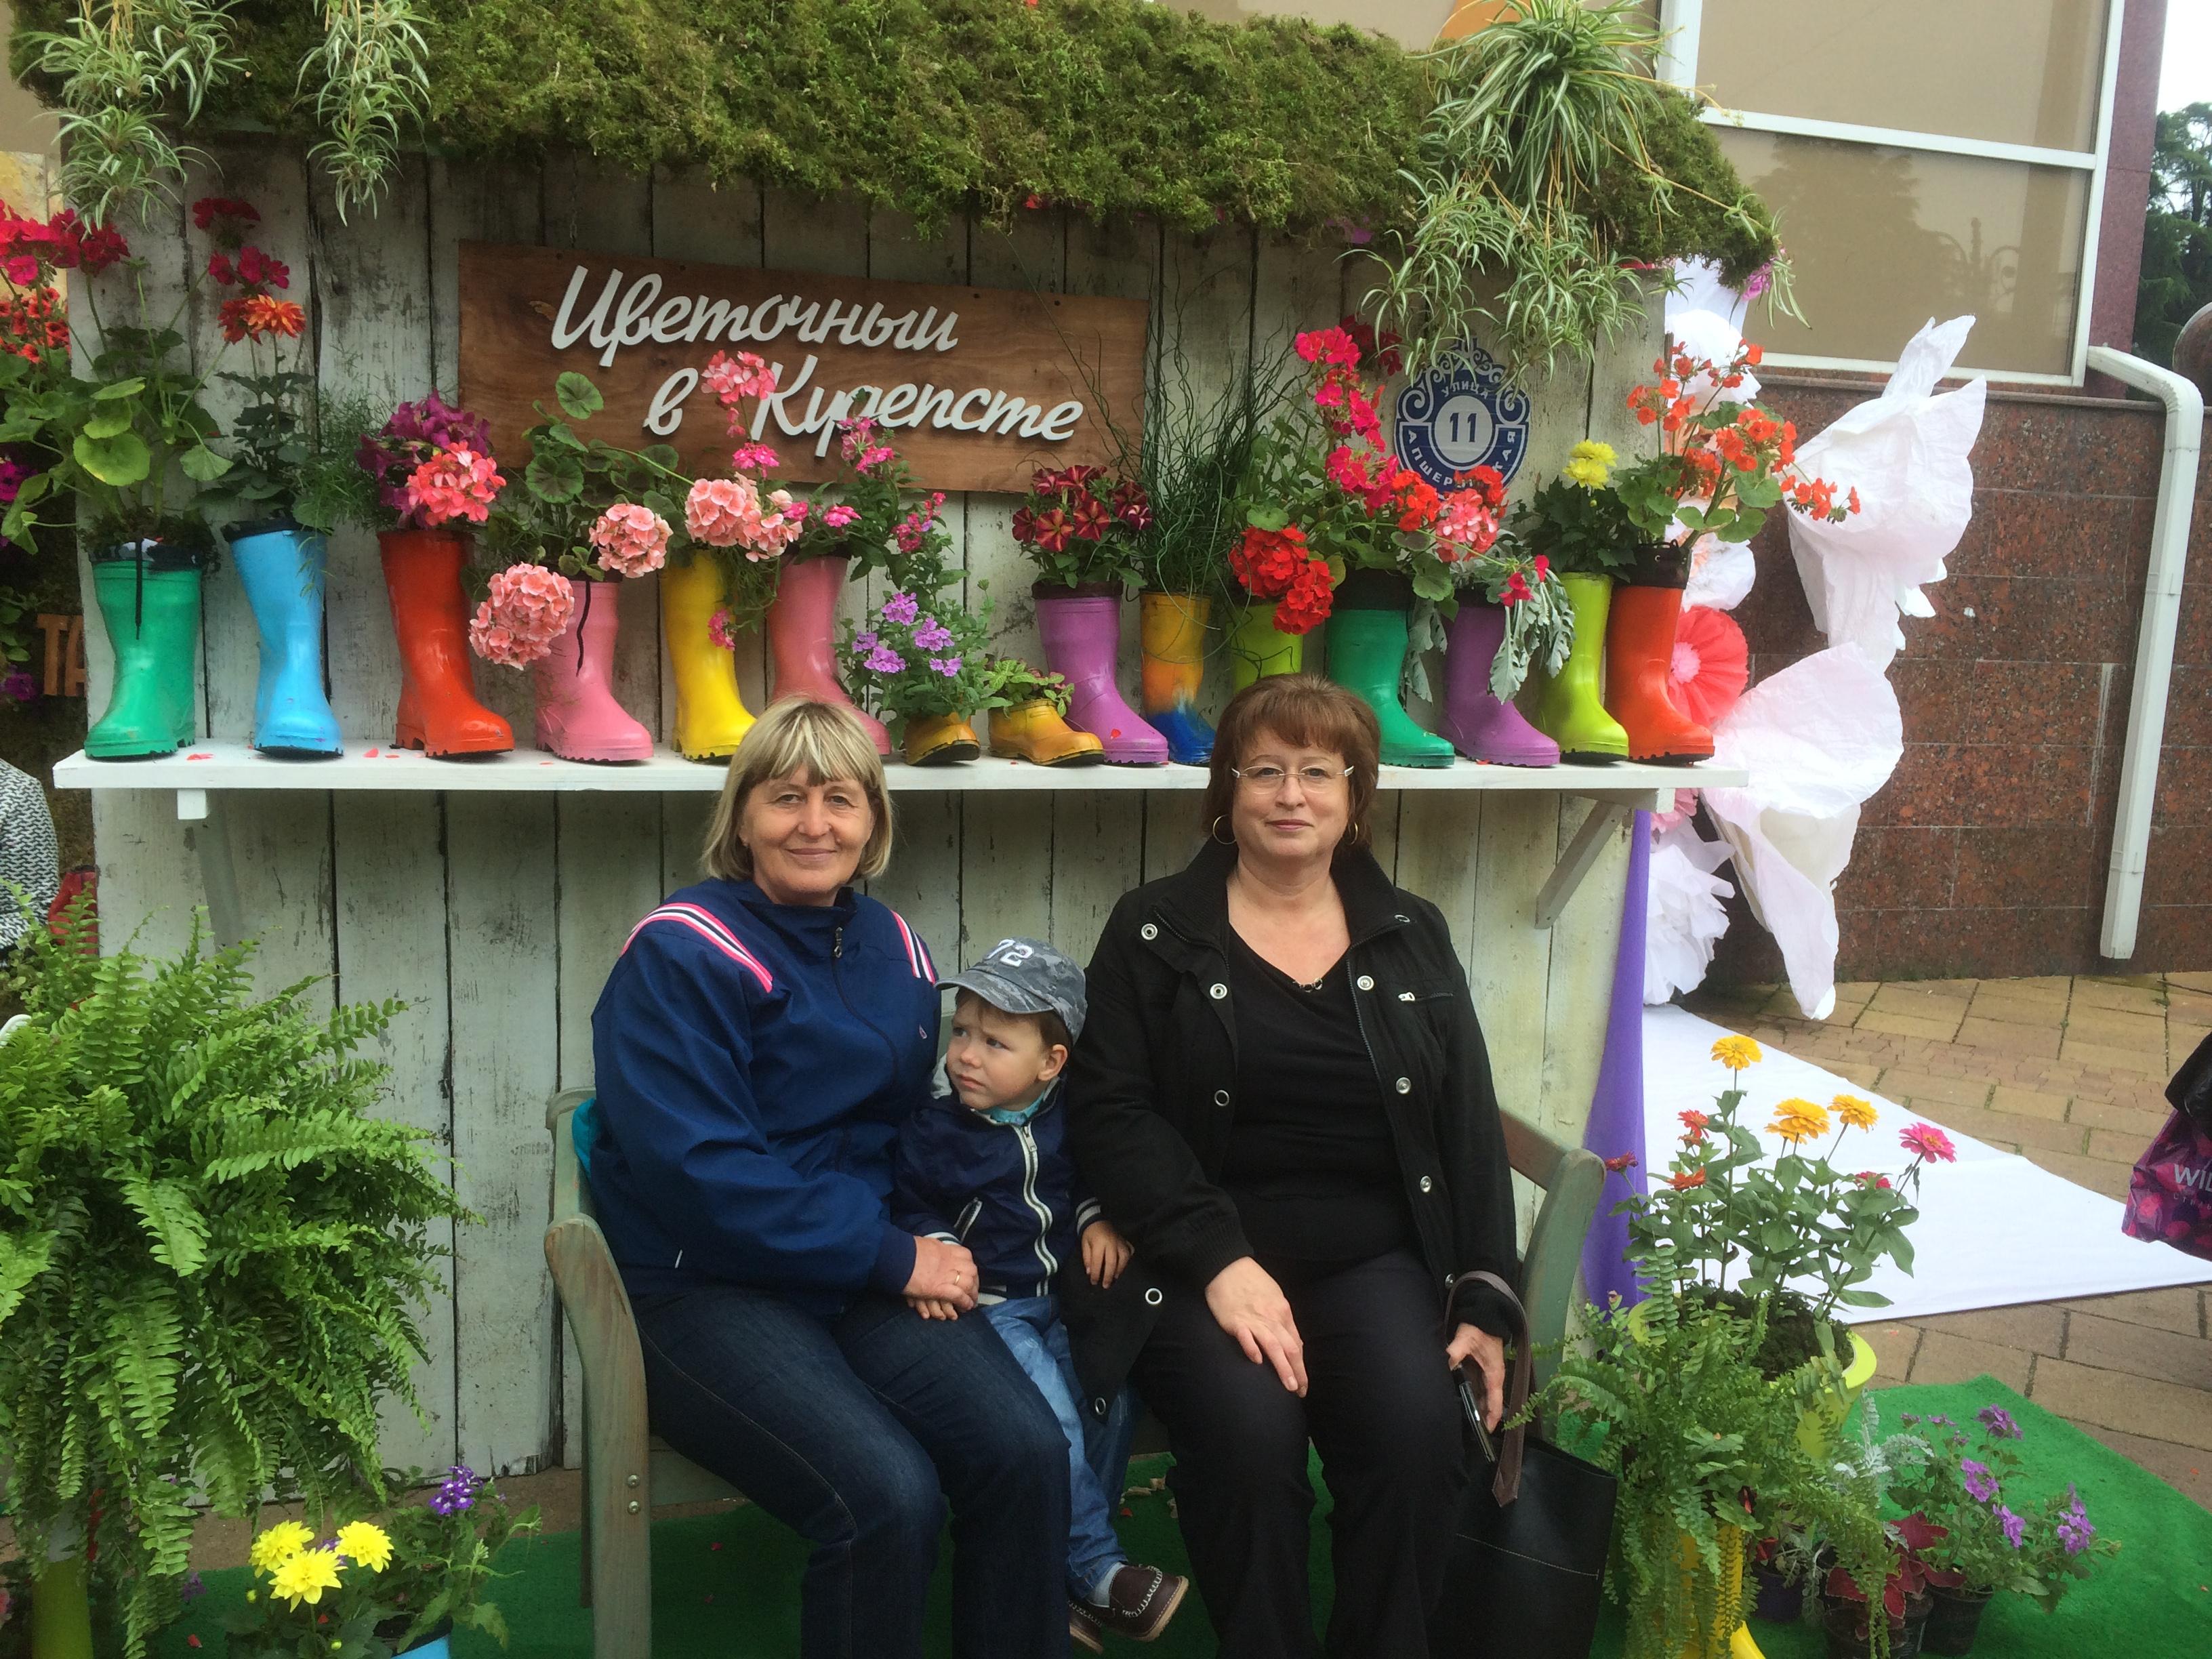 Гости Цветочного в Кудепсте